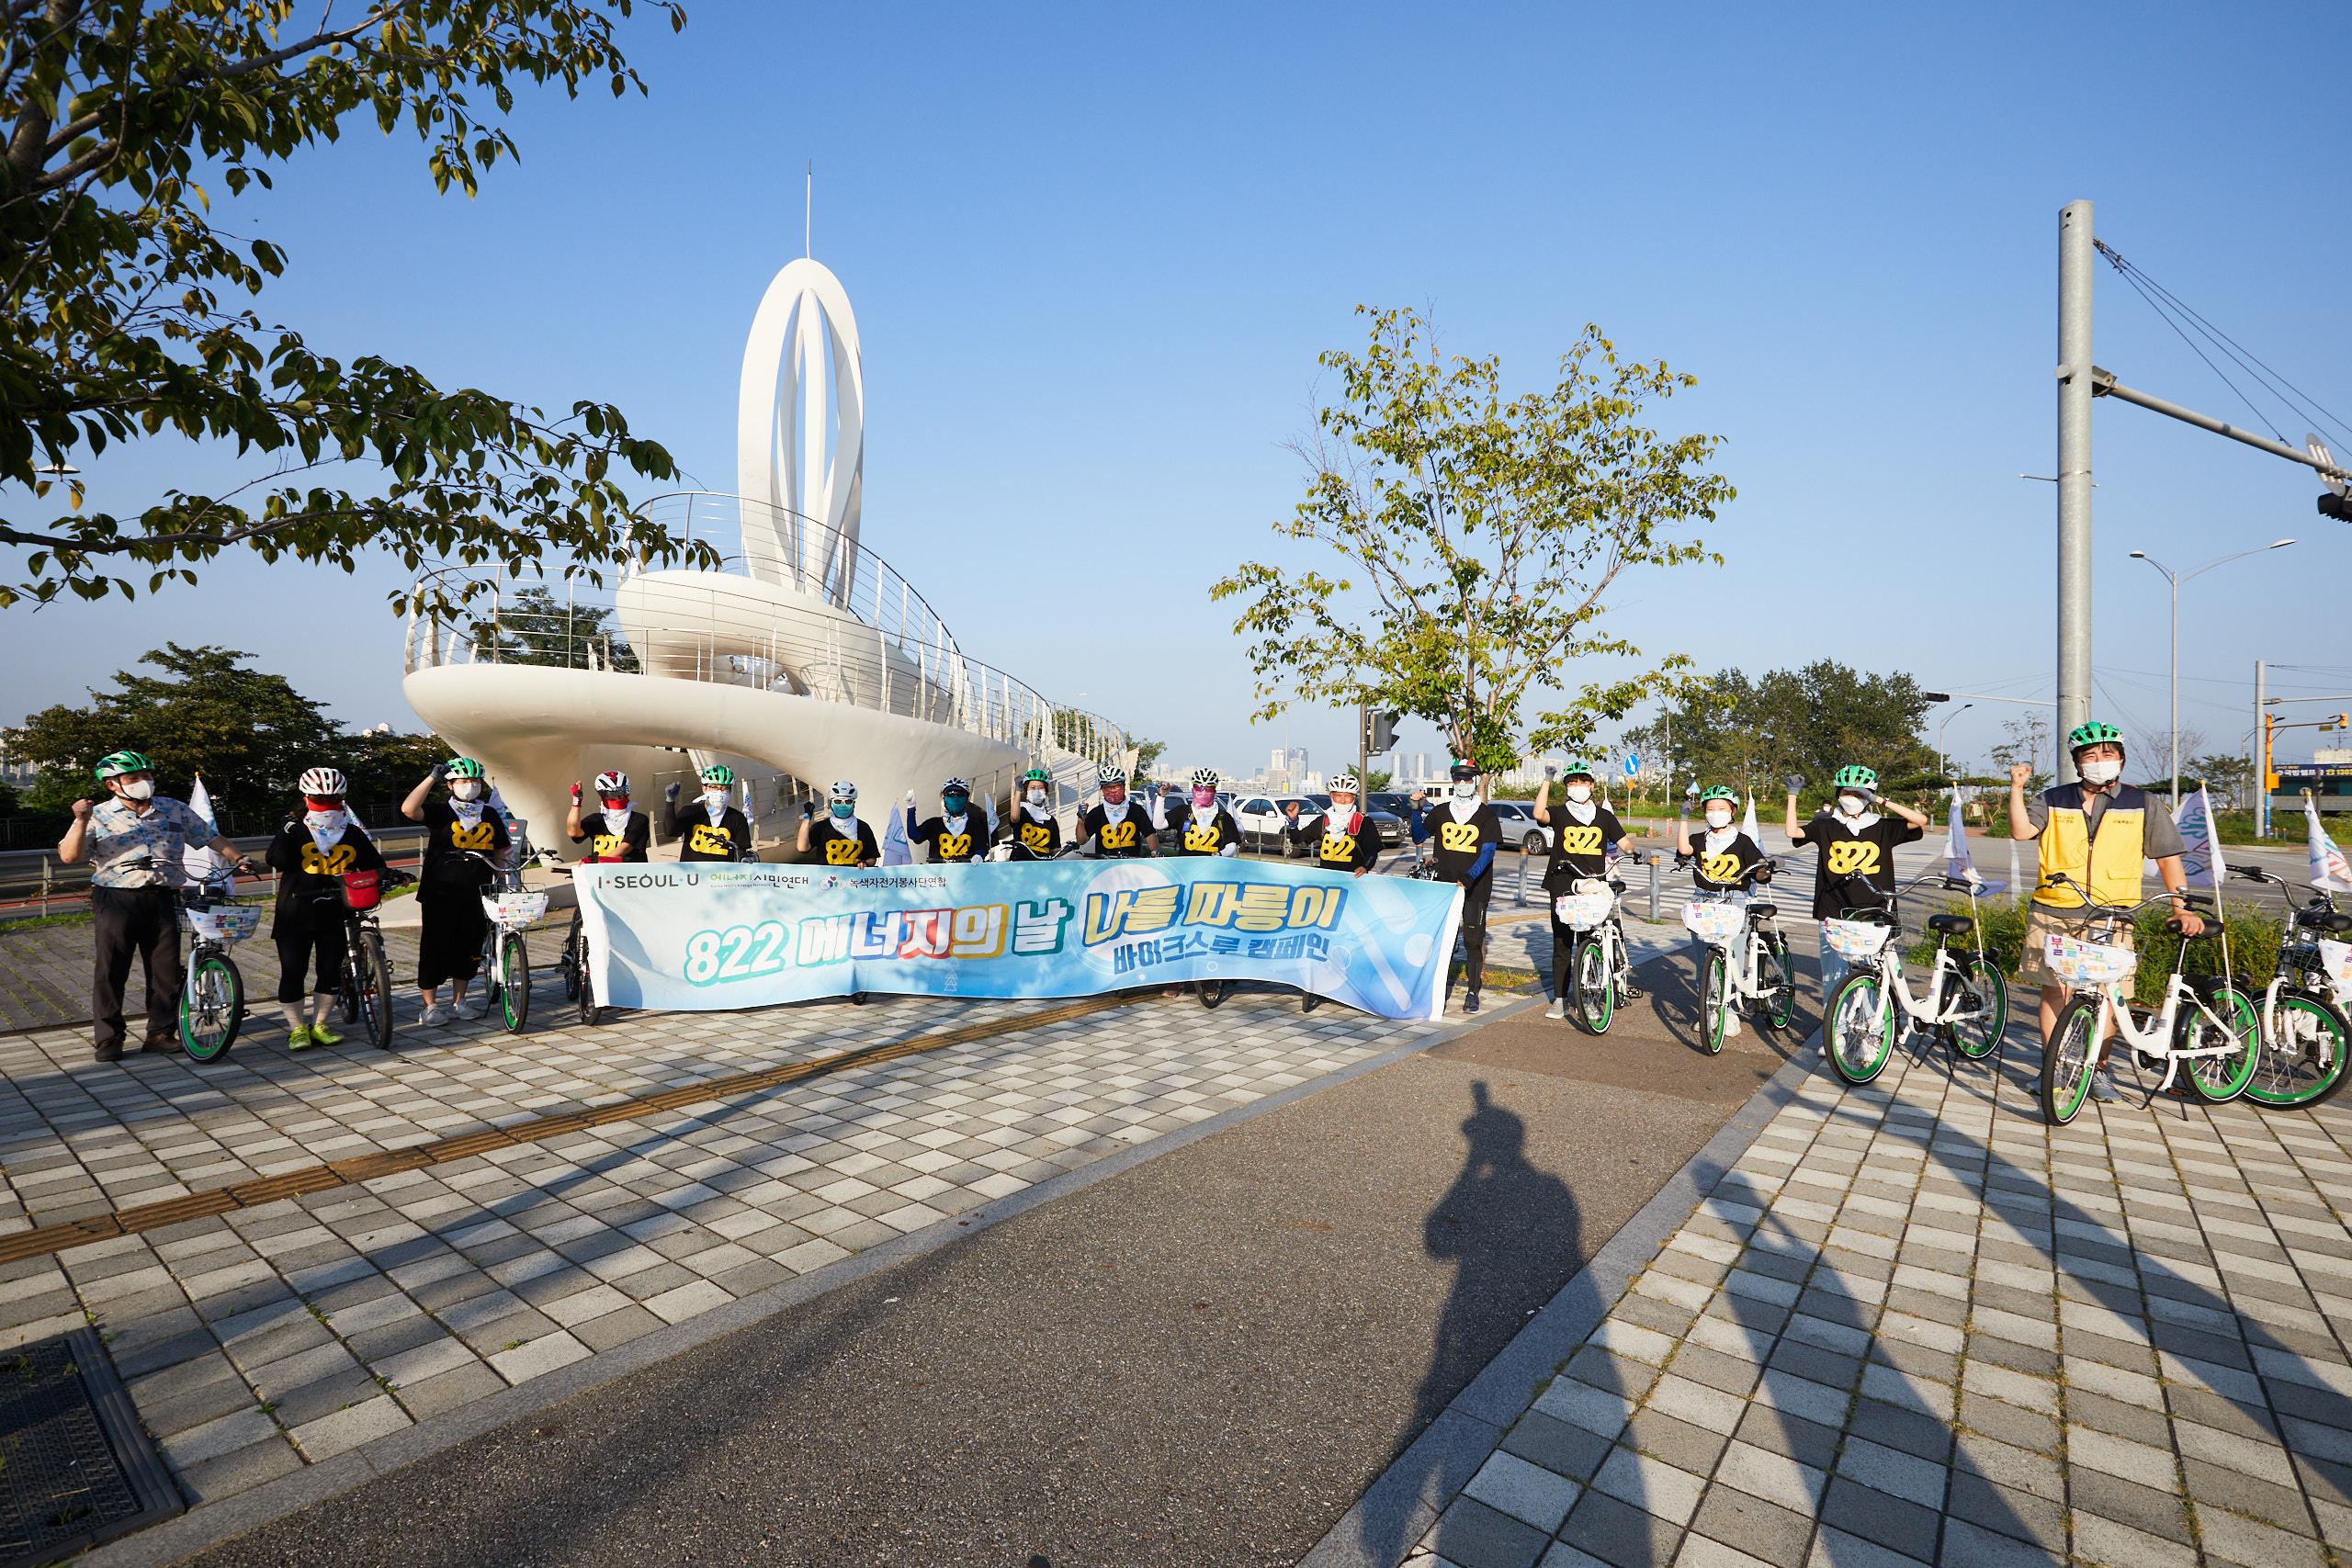 제17회에너지의날_2차 바이크스루 캠페인_전체사진_06.jpg